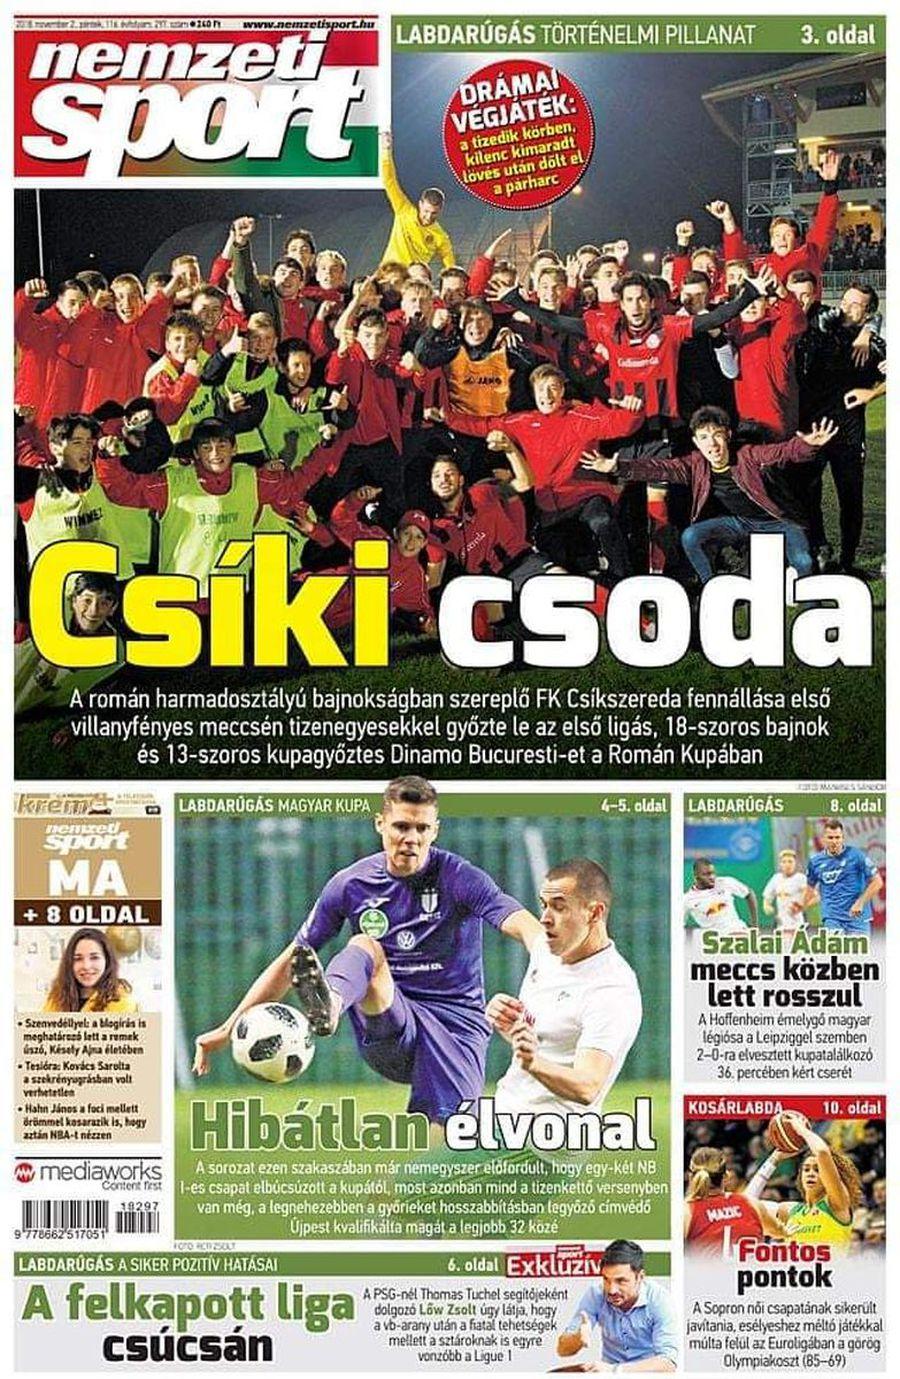 Ungaria cucerește Ardealul! Guvernul Viktor Orban face încă o echipă de fotbal în România, după Csikszereda și Sepsi